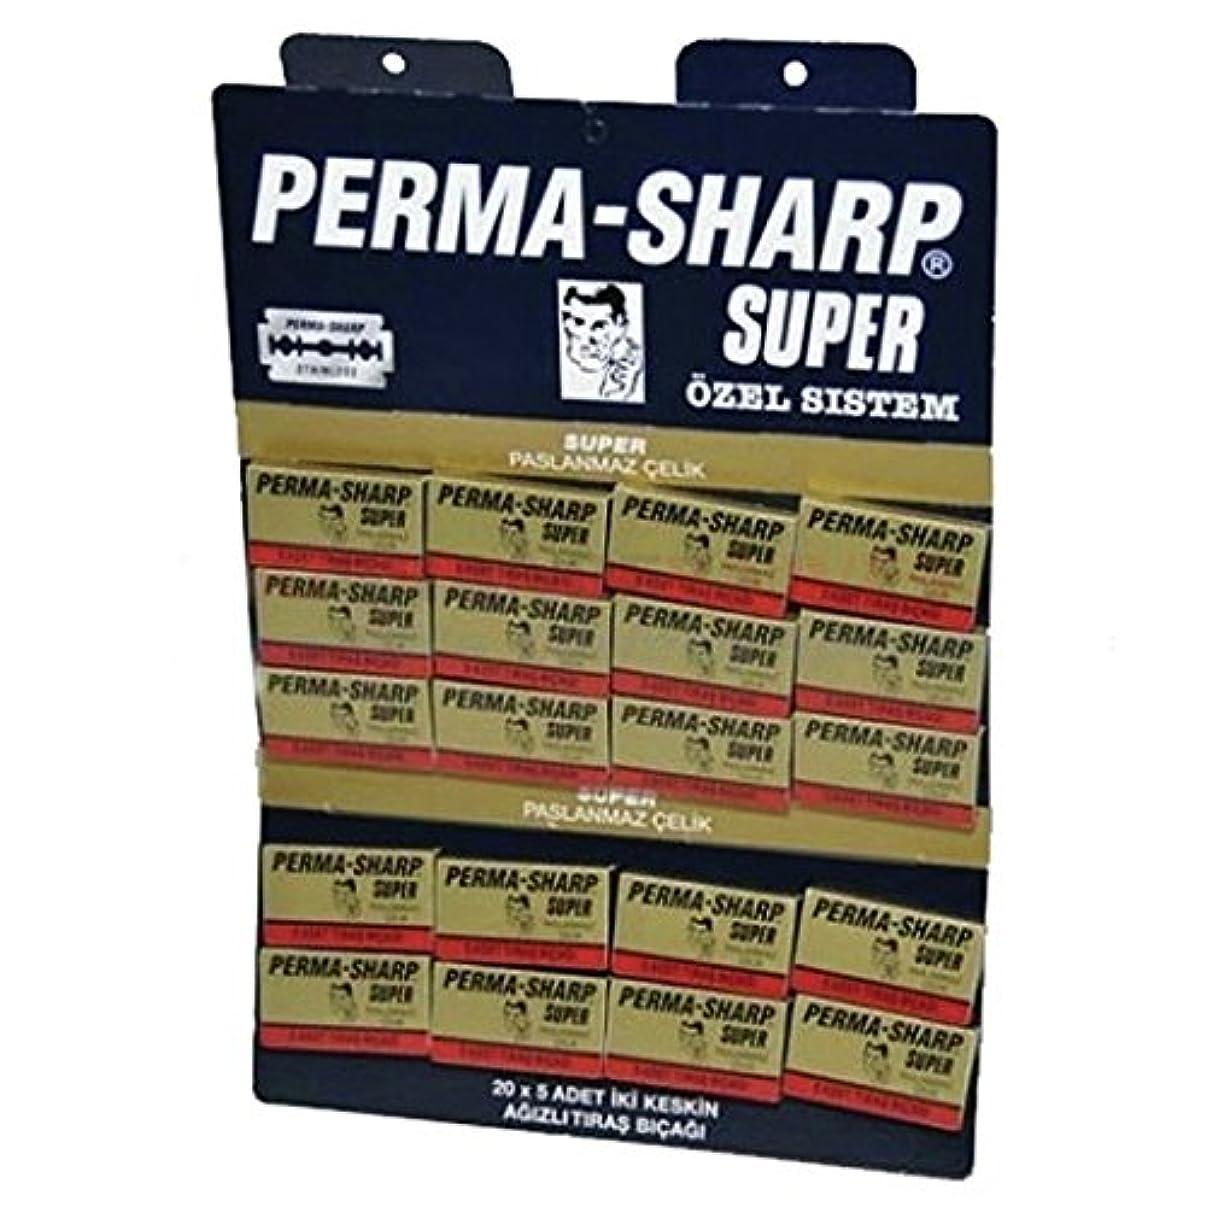 損失写真を描くみなさんPermasharpスーパーダブルエッジかみそりの刃 - 100ブレードのパック